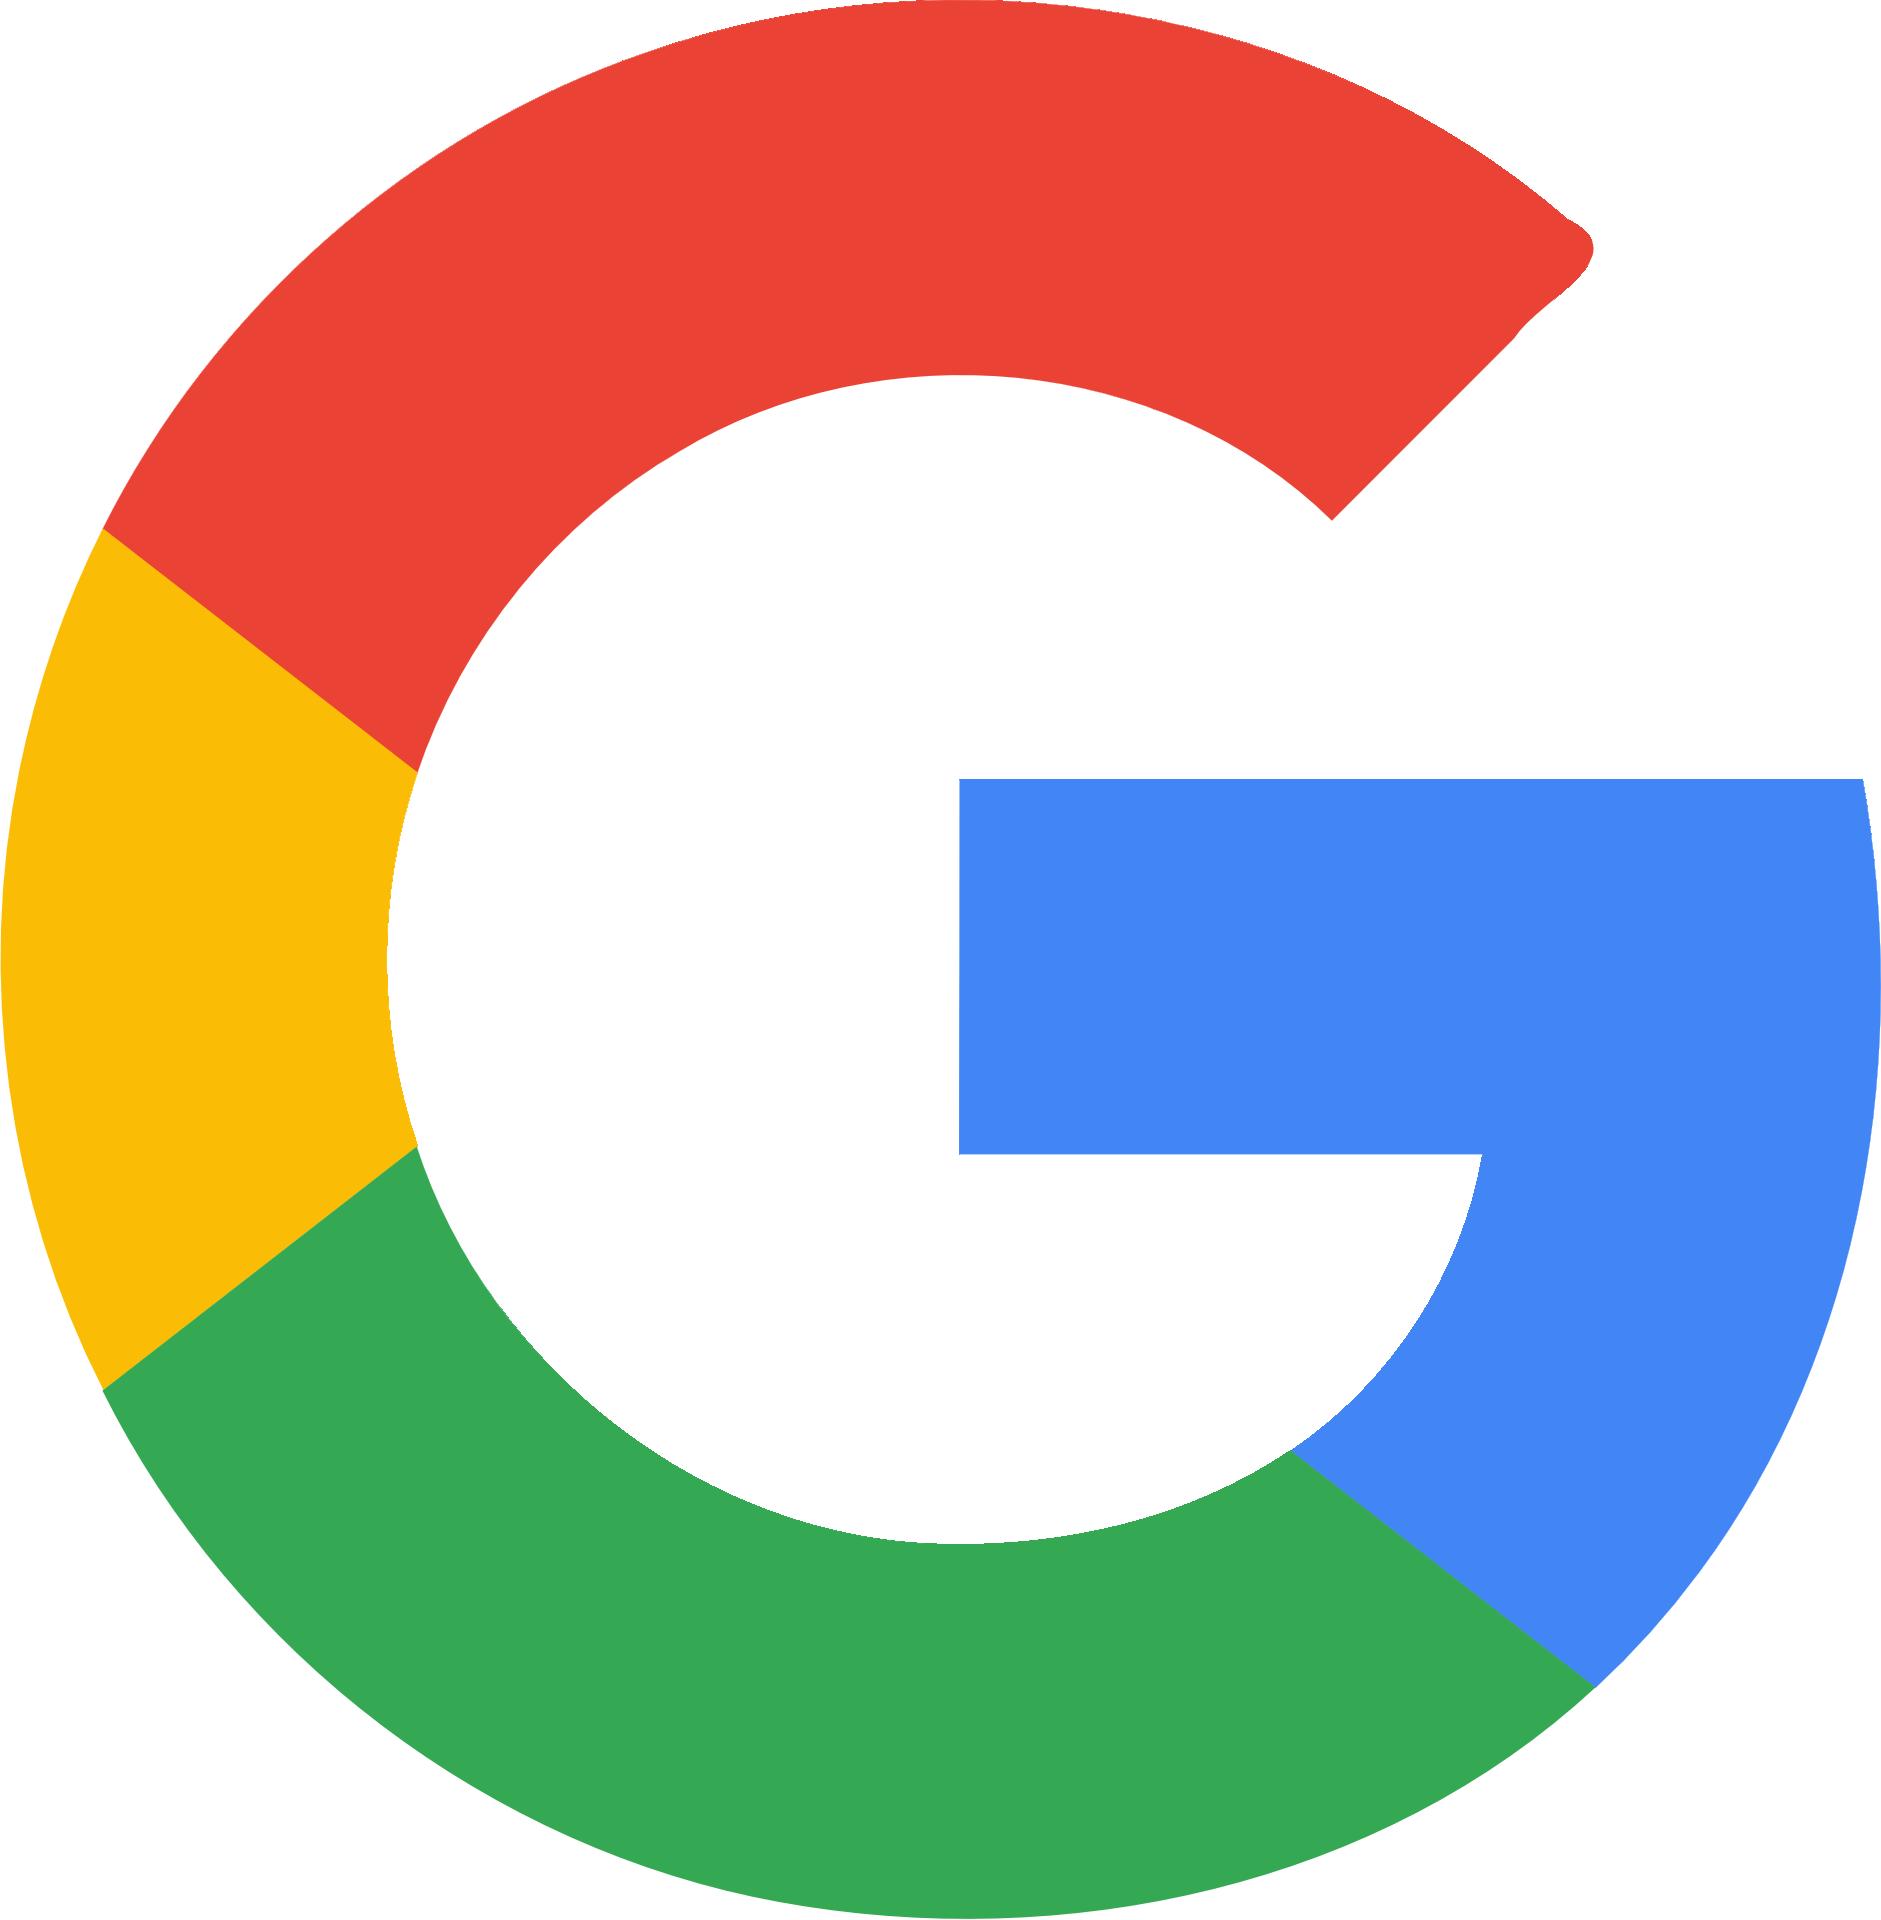 Colorful Google logo free image